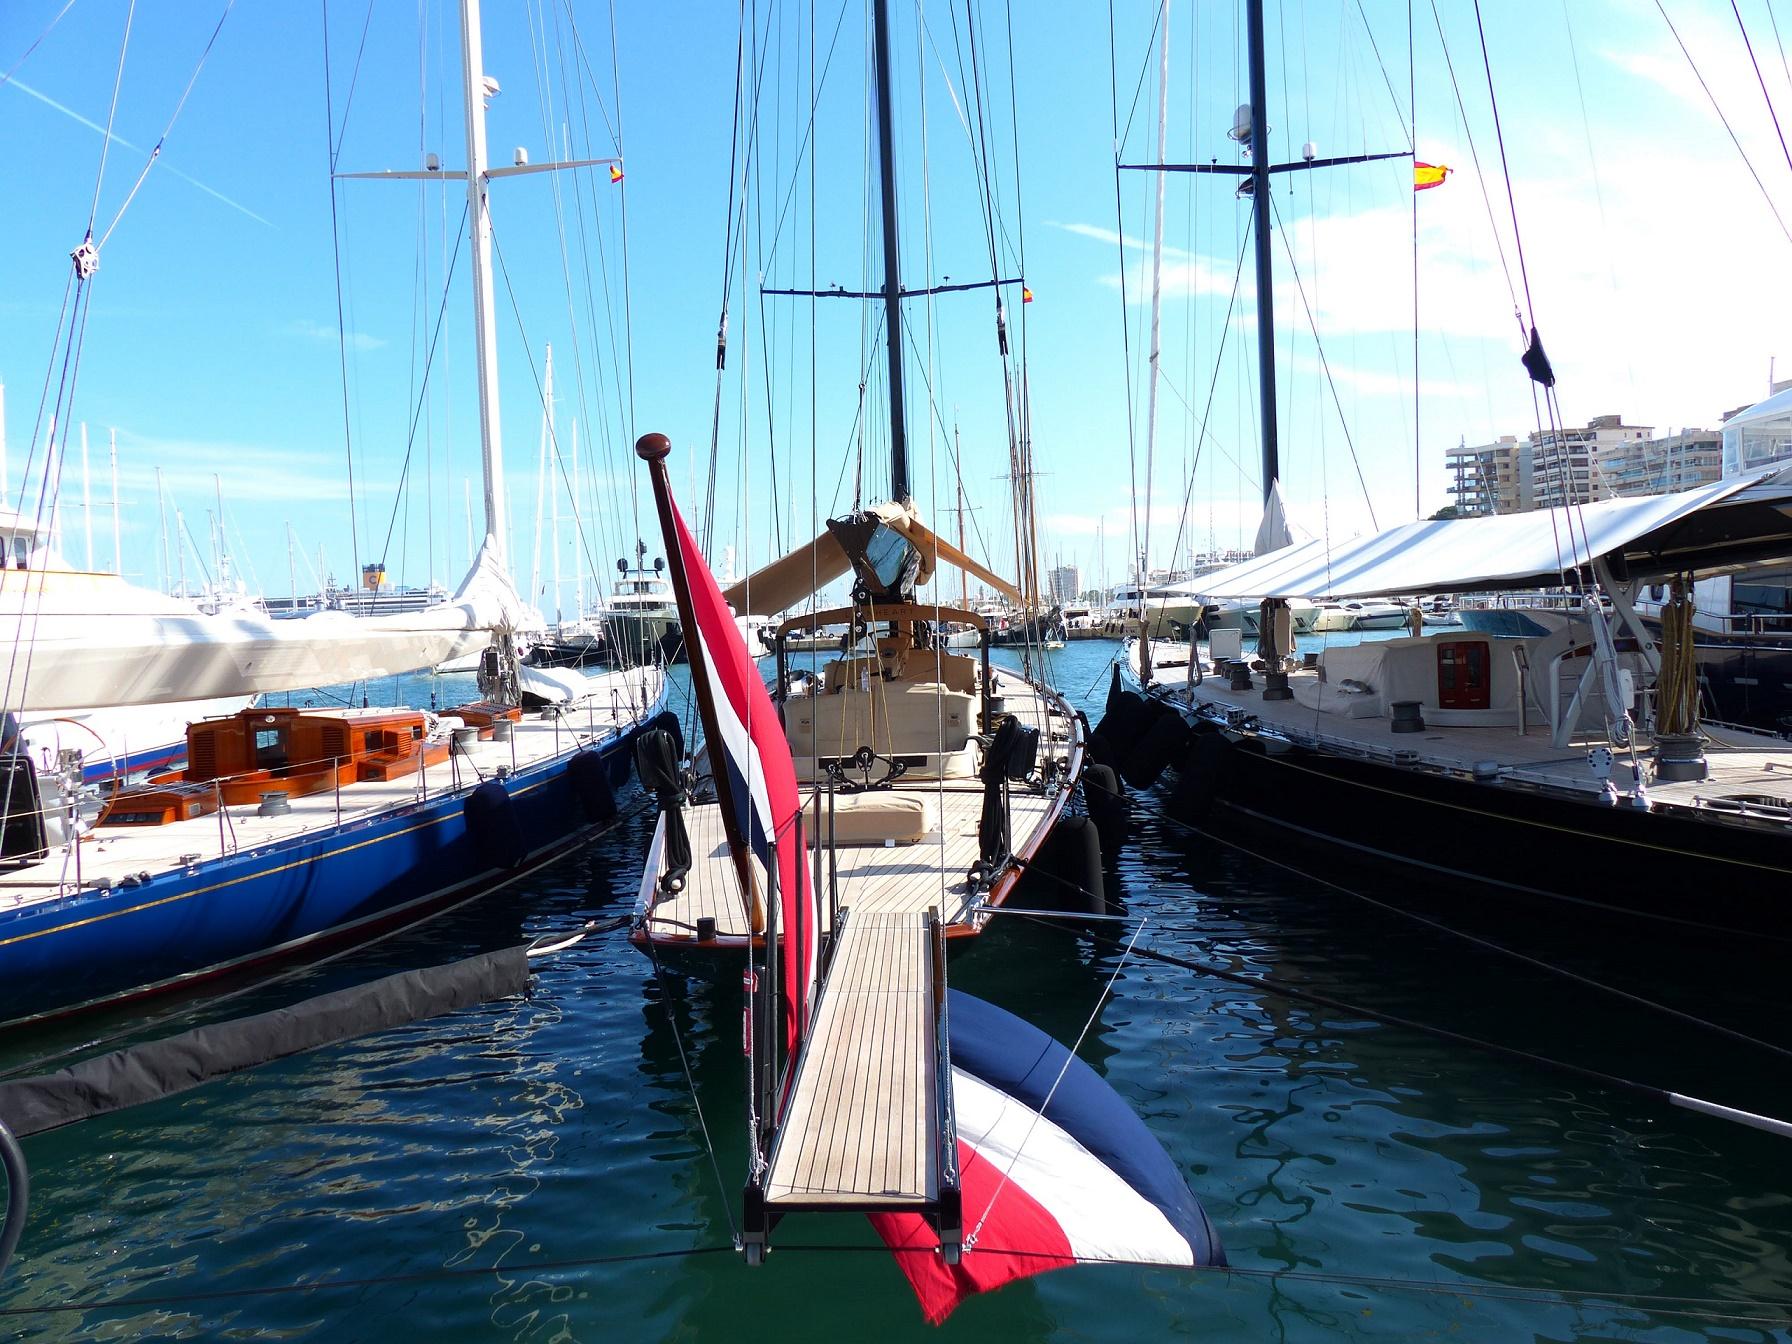 cuatro-míticos-clase-j-se-concentran-en-marina-palma-cuarentena-coincidiendo-con-la-superyacht-cup